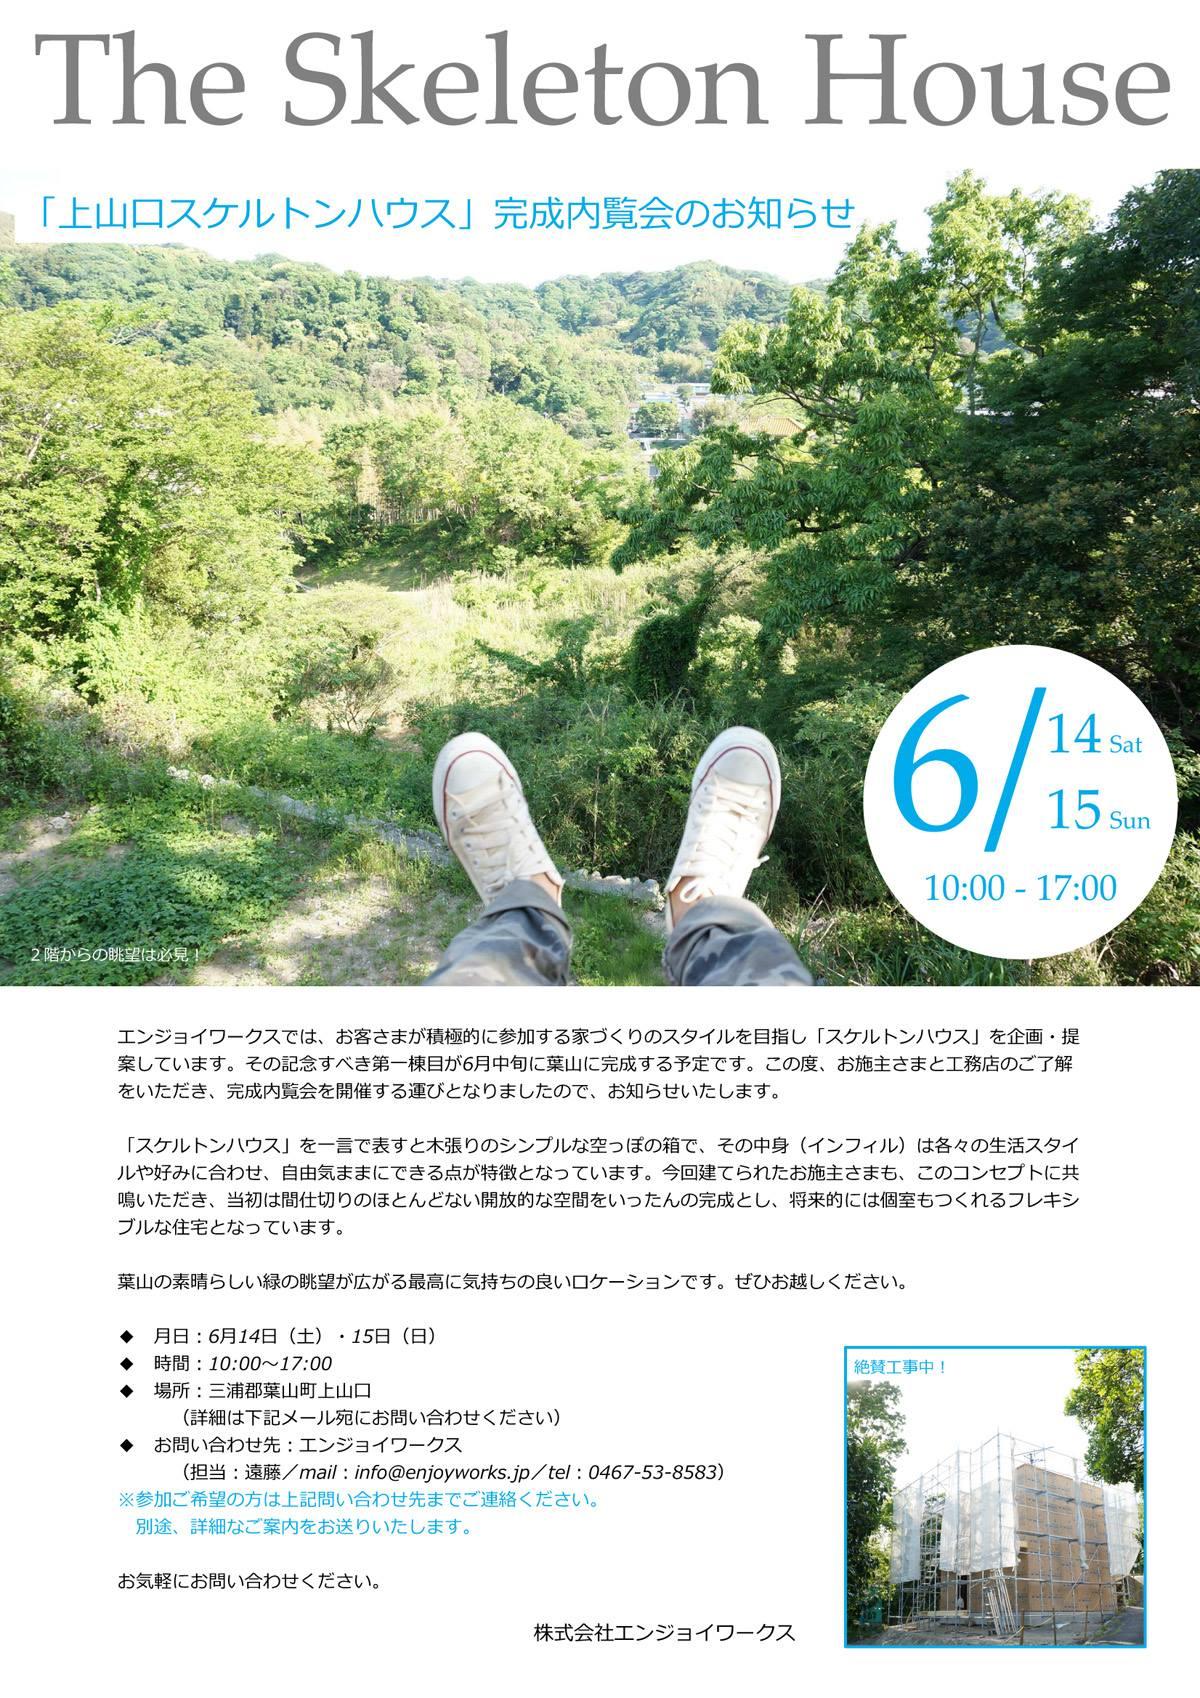 6/14(土)&15(日)「The Skeleton House」絶景葉山W邸オープンハウス開催1